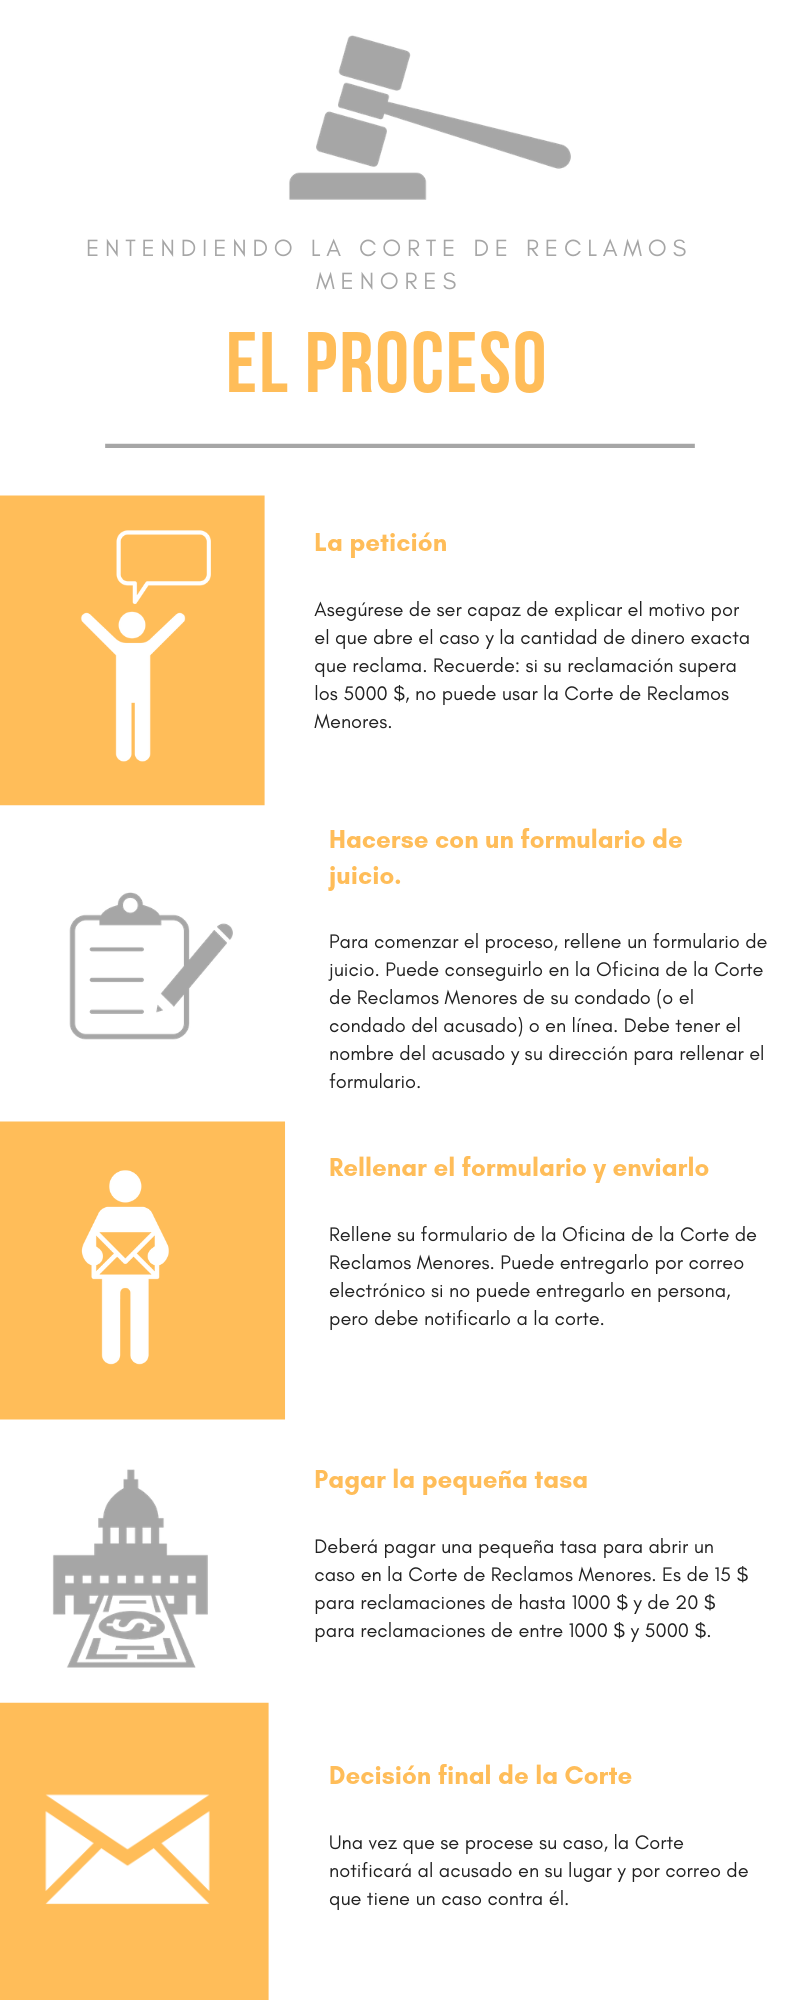 Infografía que describe los pasos para abrir un caso en la Corte de Reclamos Menores.